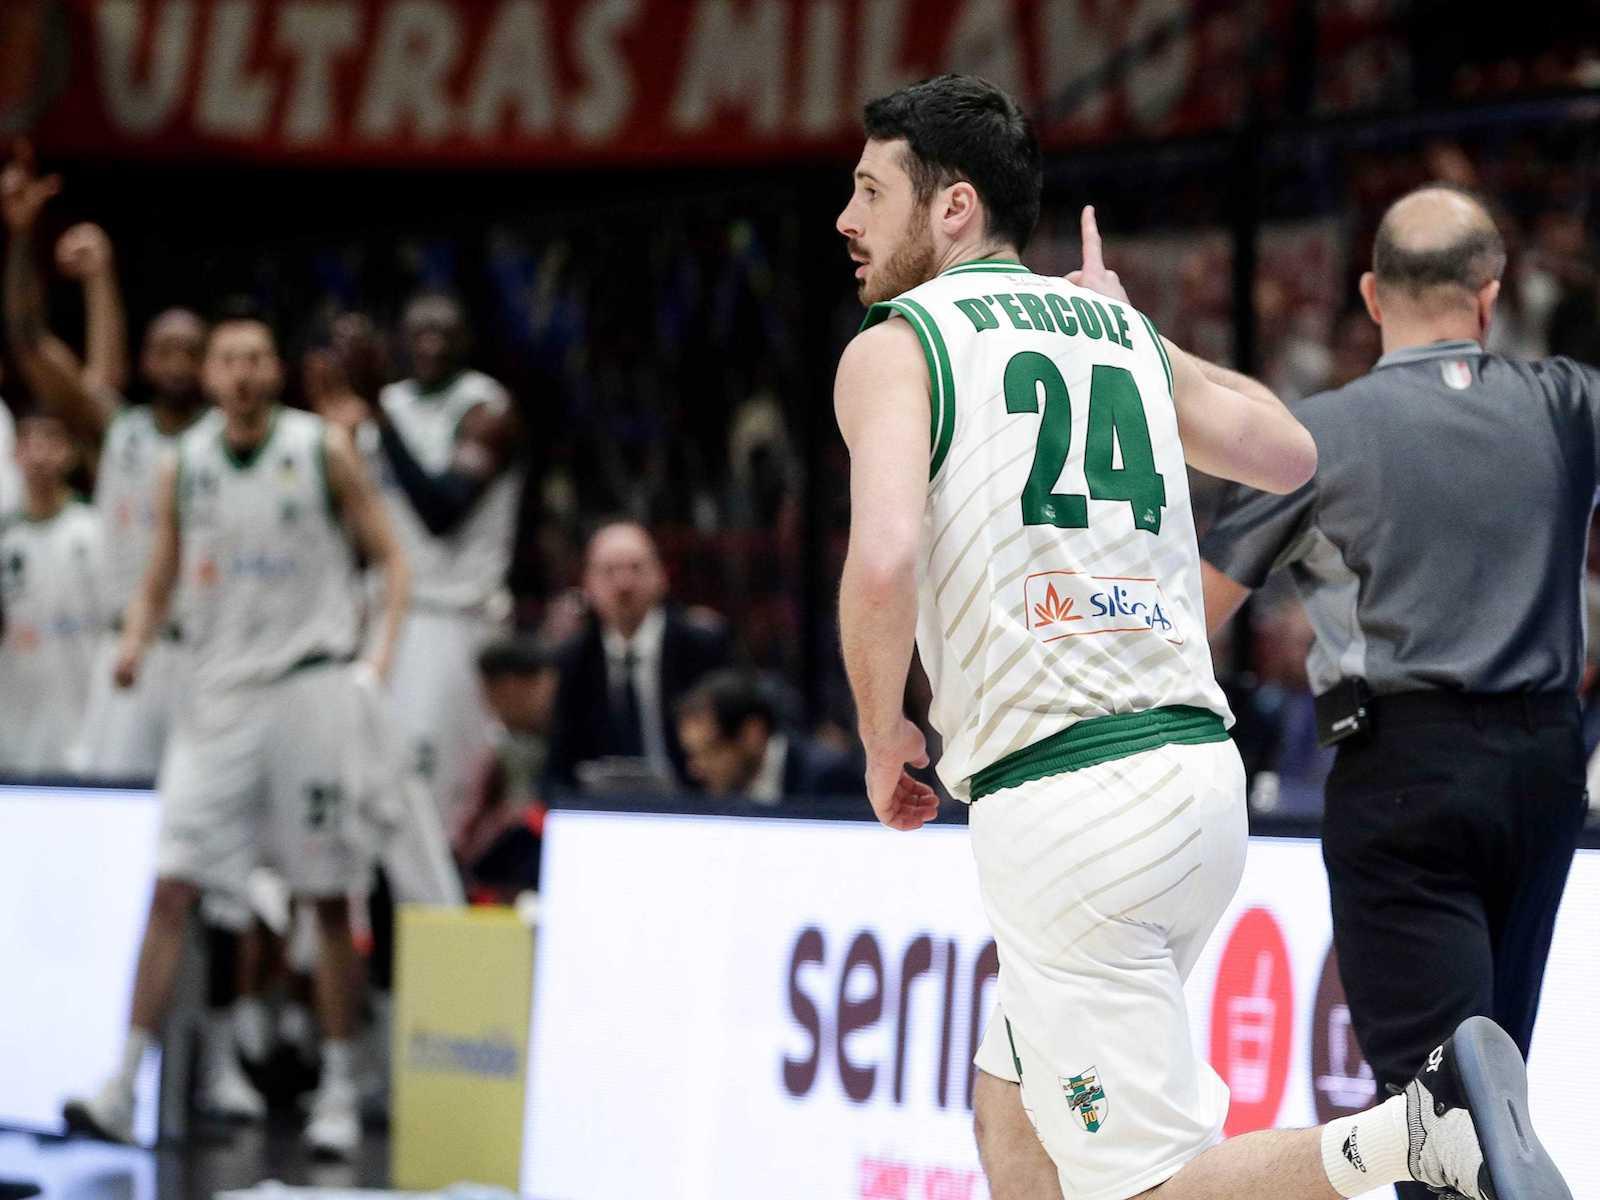 Legabasket - LBA Mercato 2019-20: a Pistoia è tornato l'entusiasmo con Lorenzo D'Ercole e le 866 tessere vendute in abbonamento